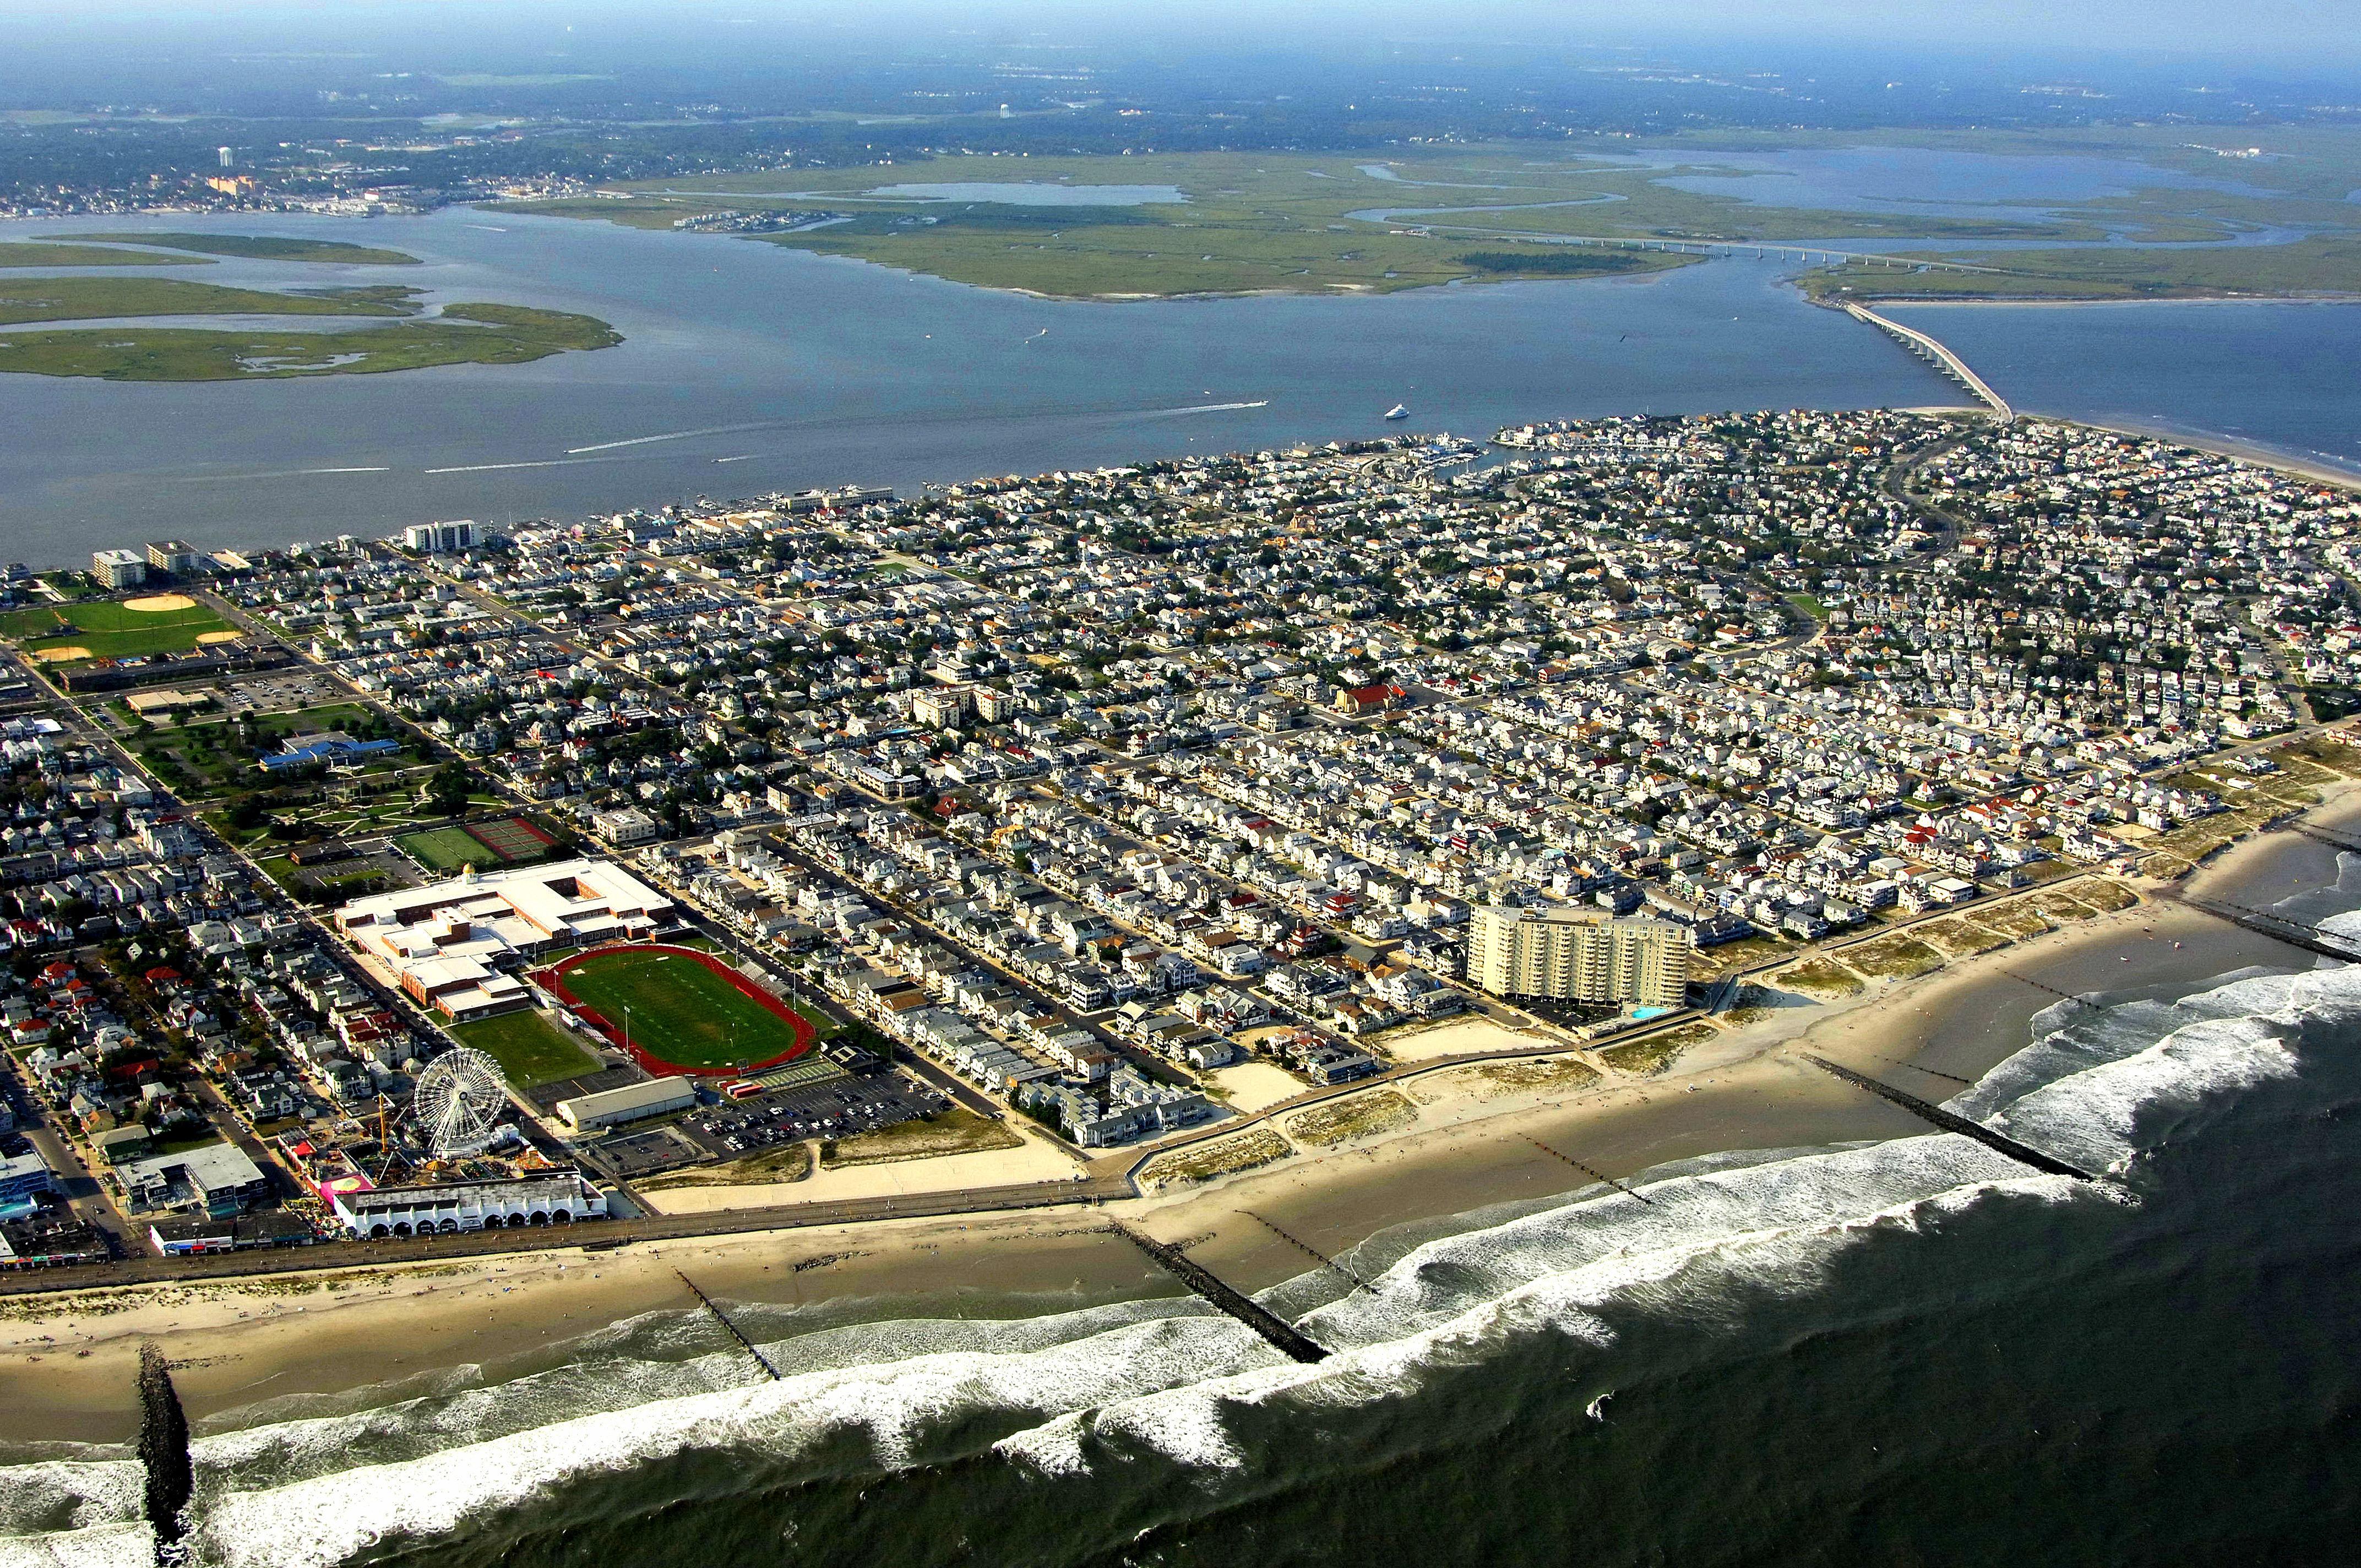 Is Ocean City, N.J., really Americas Happiest Seaside